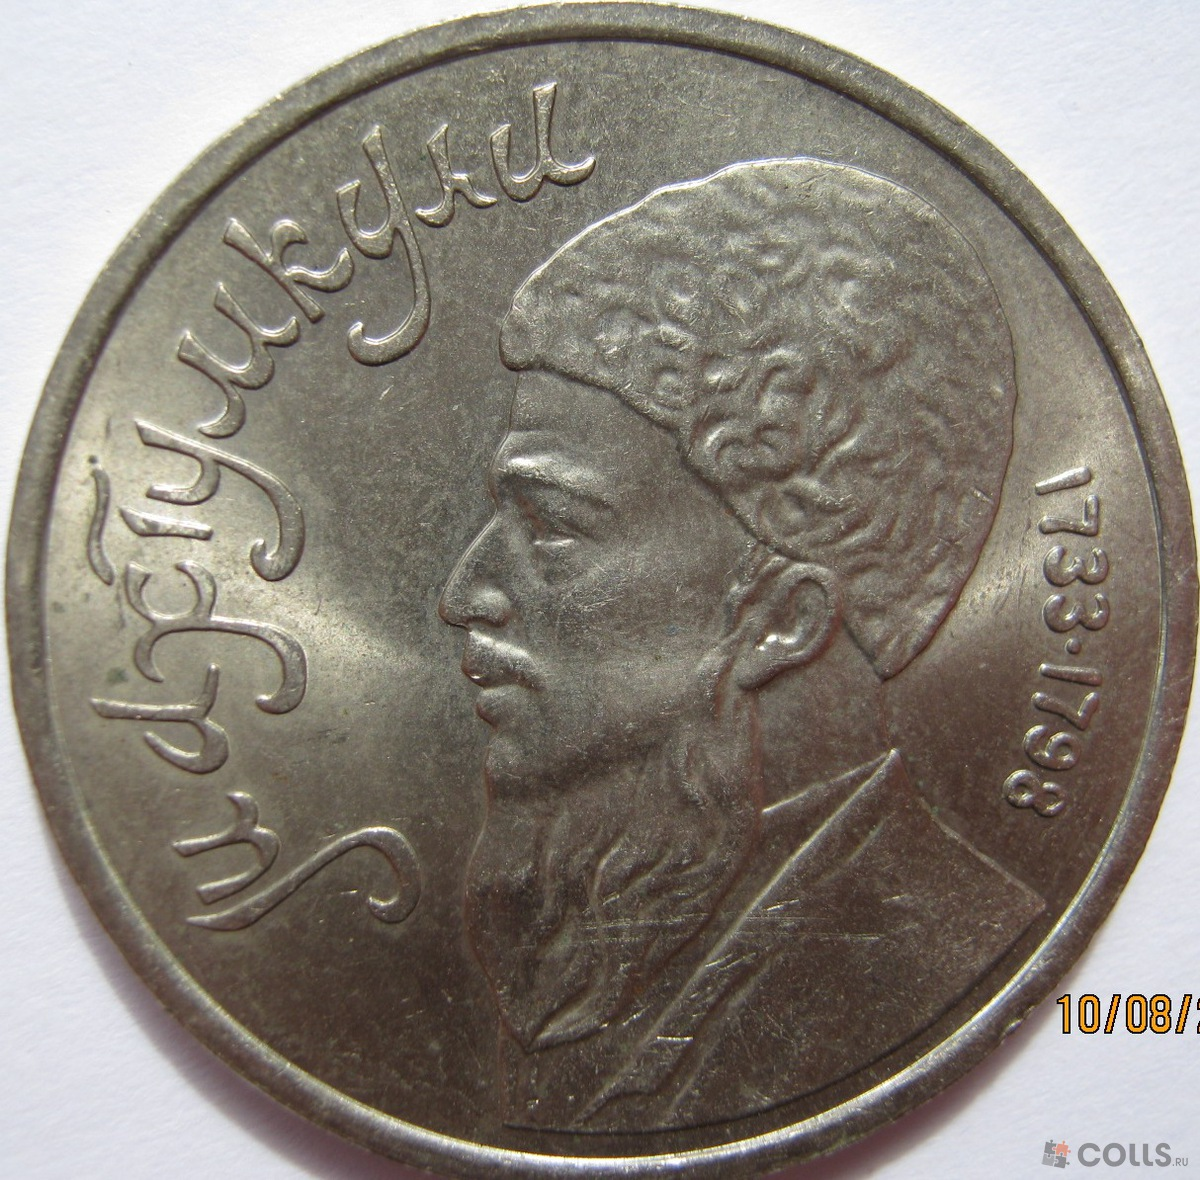 1 рубль 1991 махтумкули поза 97